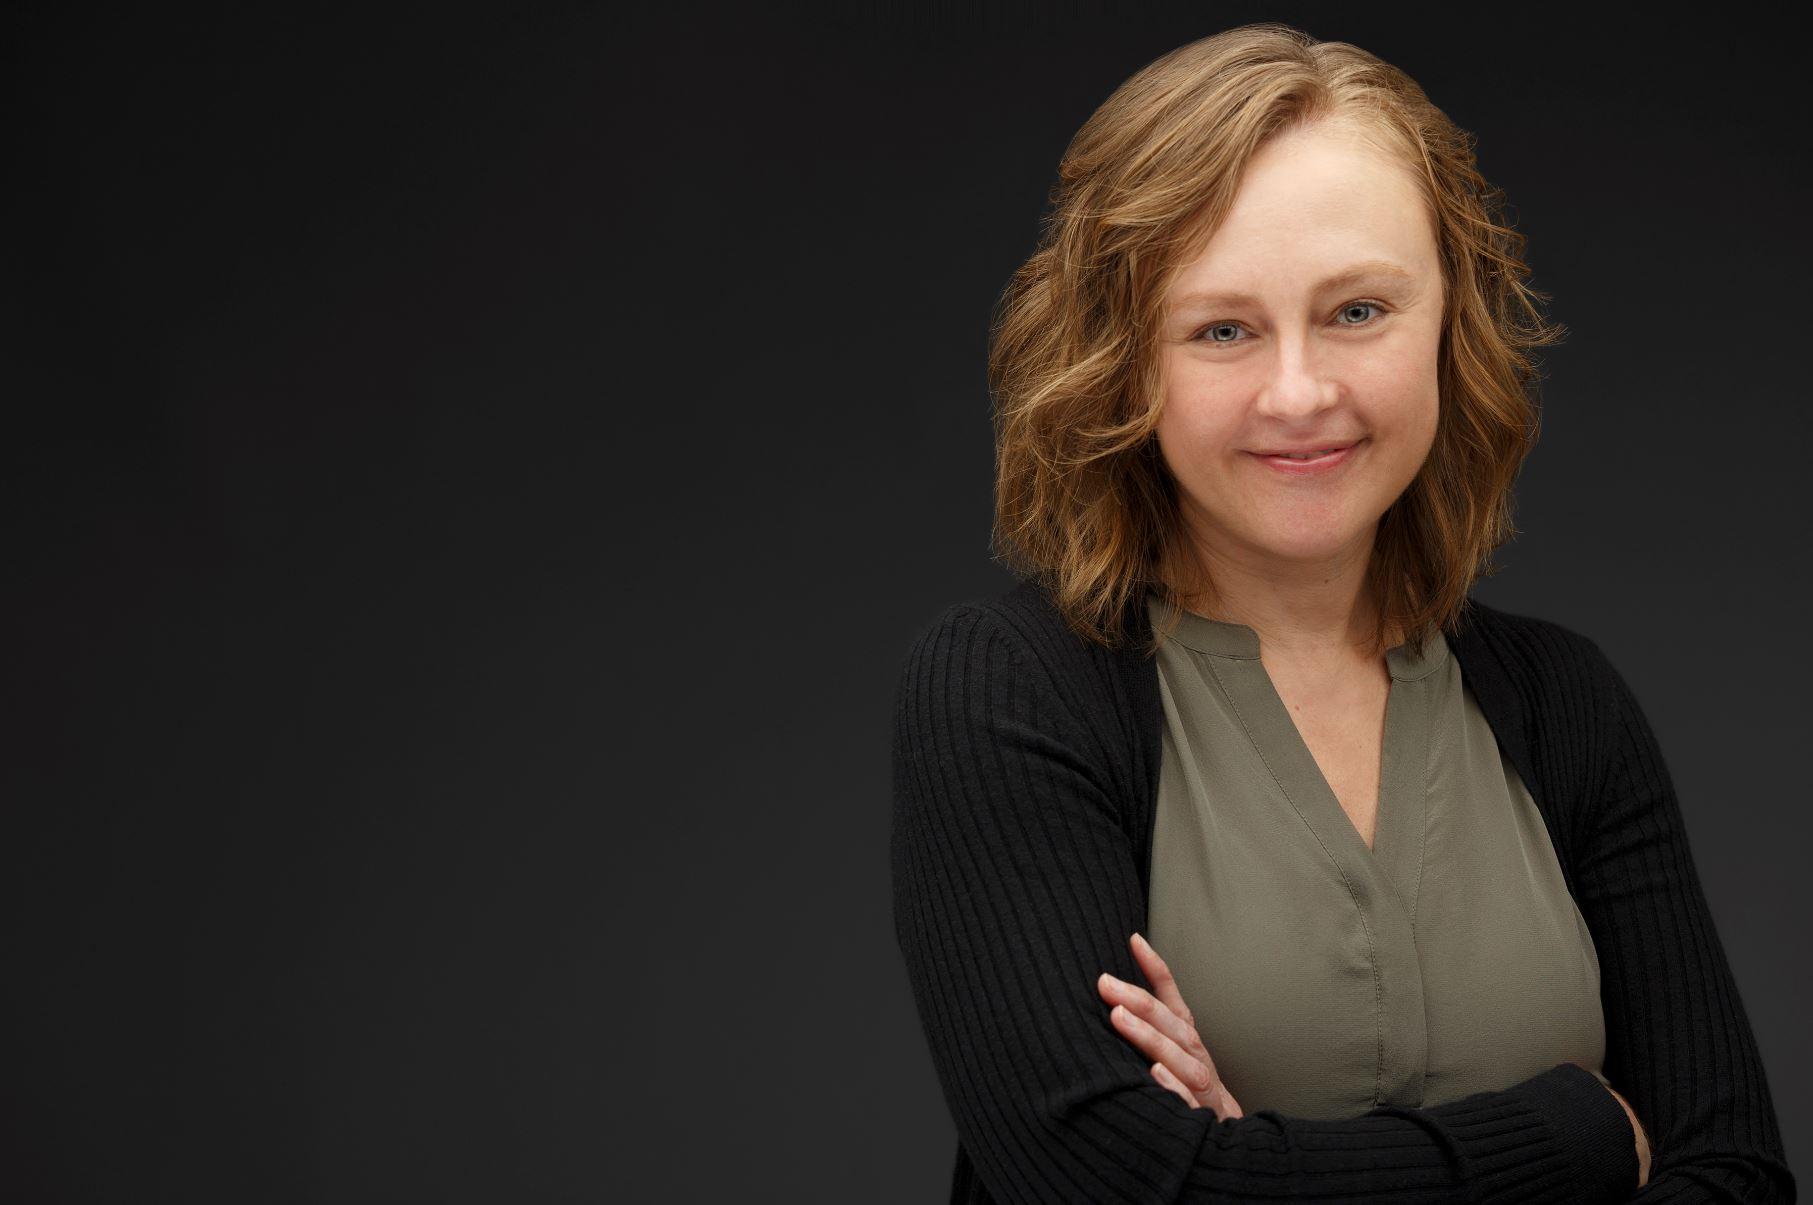 Dr. Michelle Bales, Ph.D.